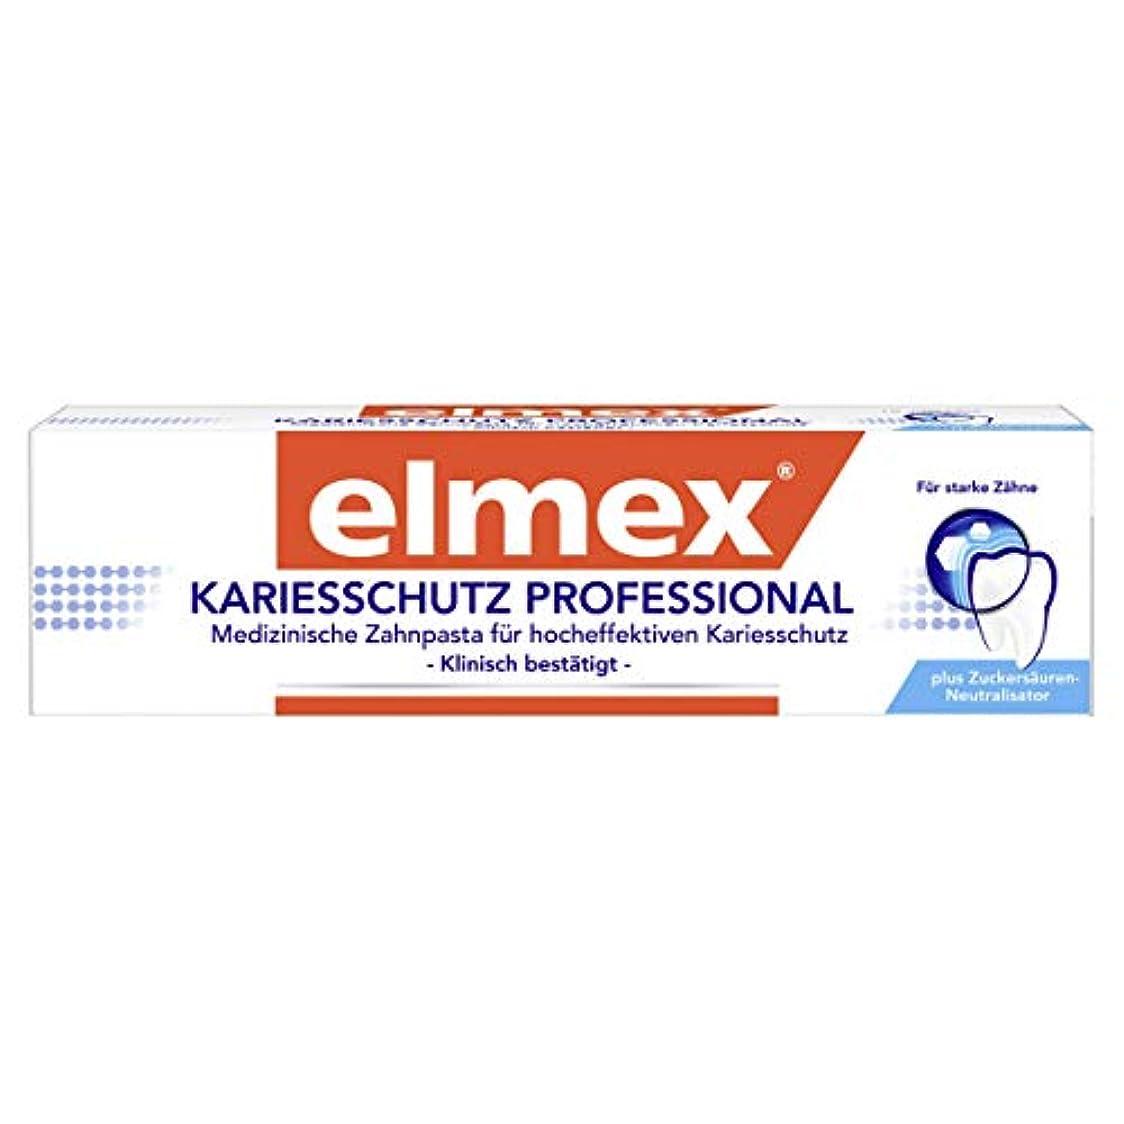 メッシュ迫害するバクテリア3本セット elmex エルメックス 虫歯予防 プロフェッショナル 歯磨き粉 75ml【並行輸入品】